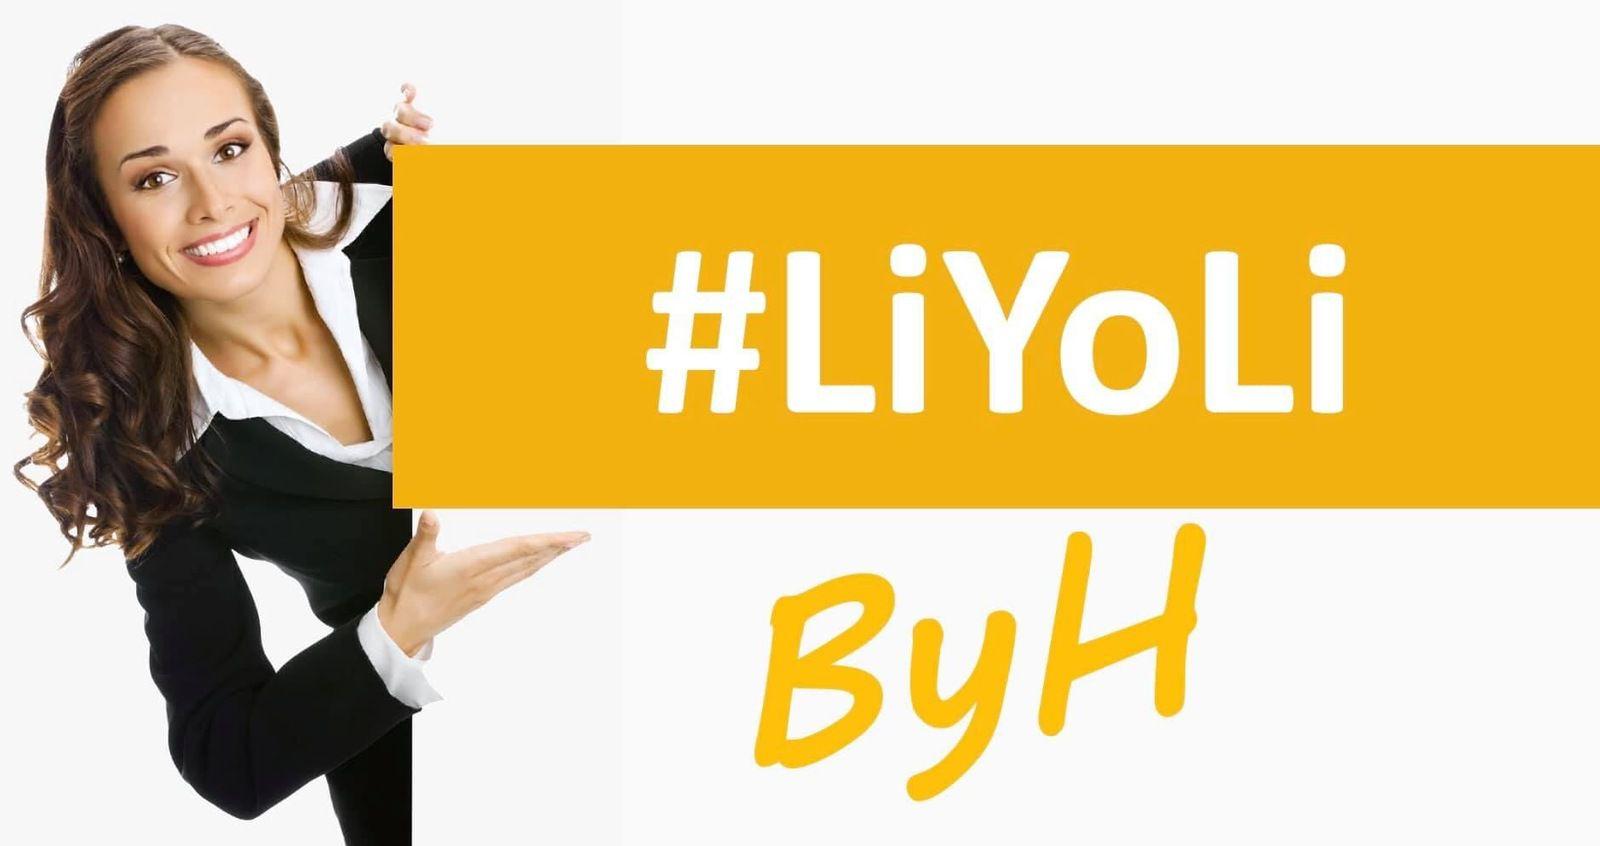 #LiYoLi